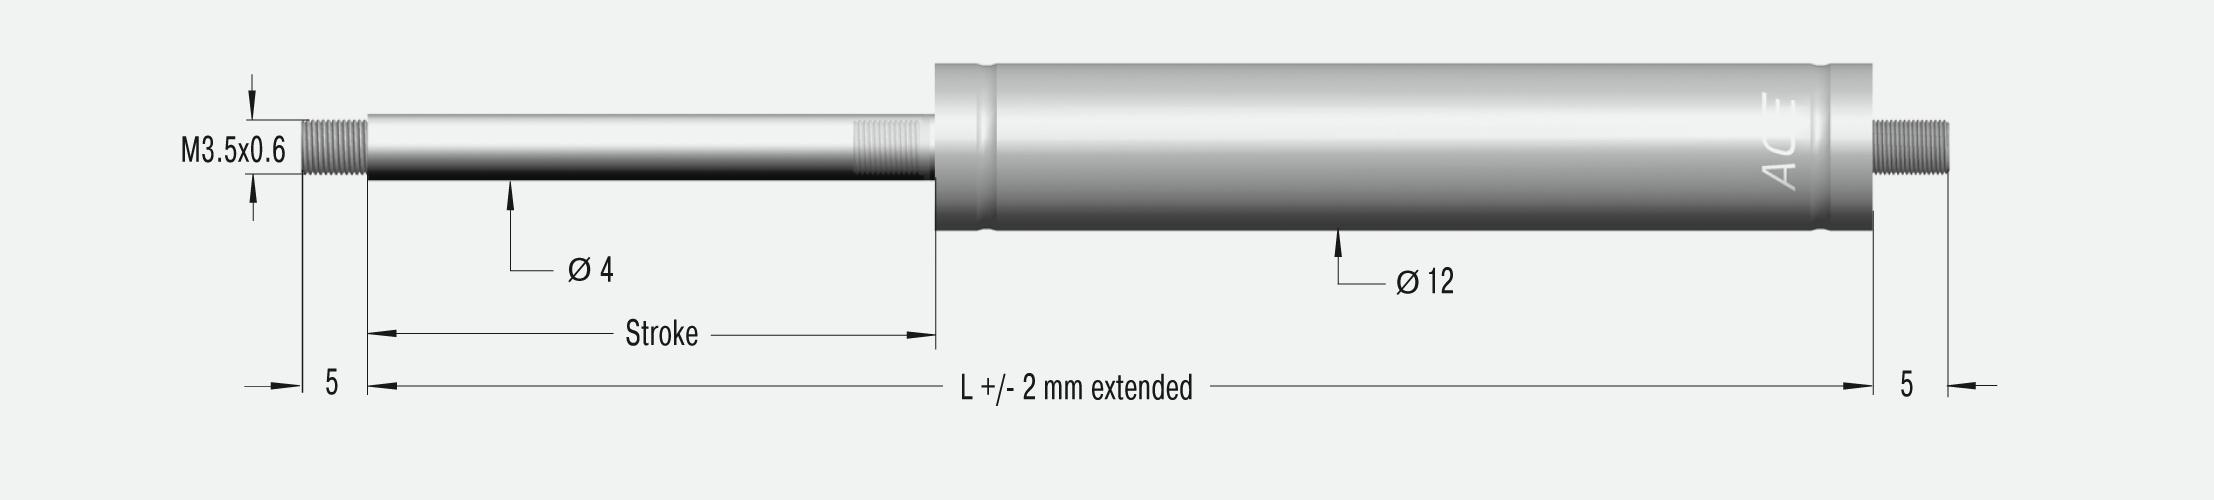 GS-12-100-V4A